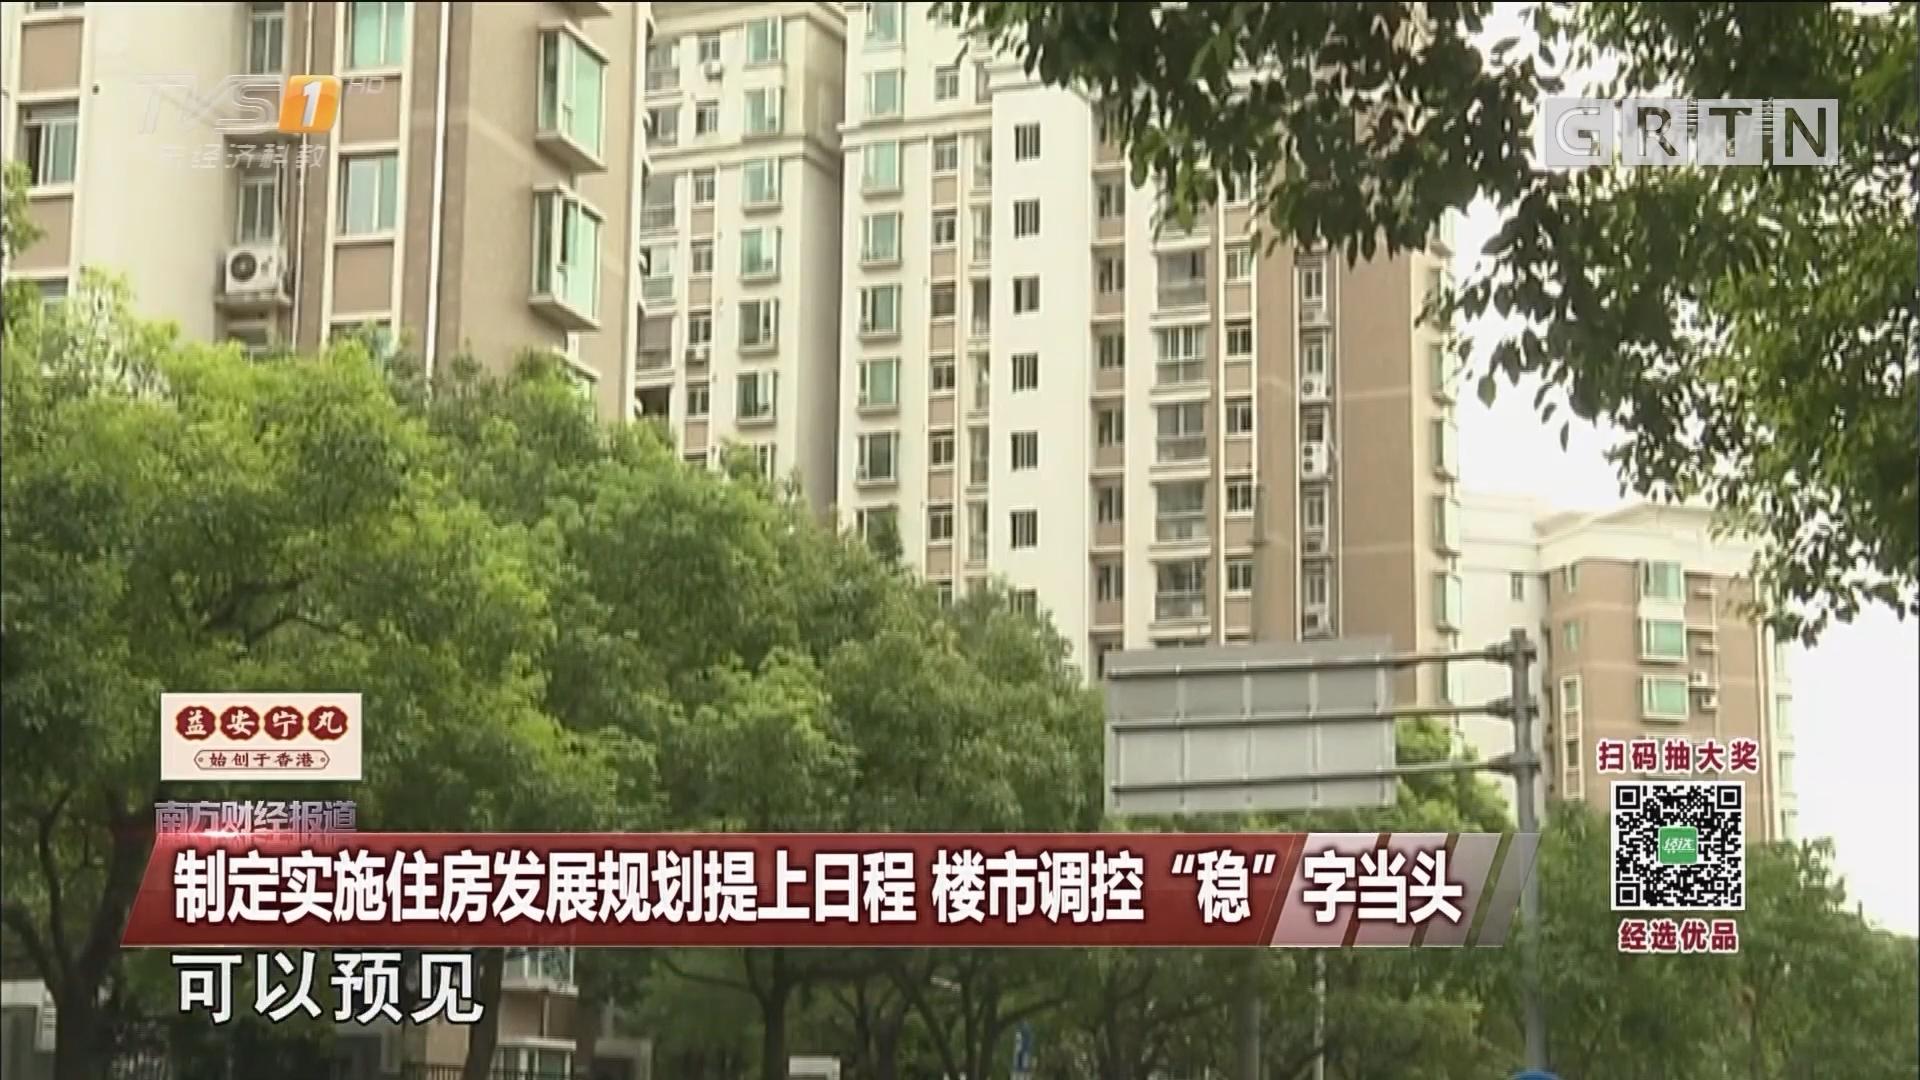 """制定实施住房发展规划提上日程 楼市调控""""稳""""字当头"""